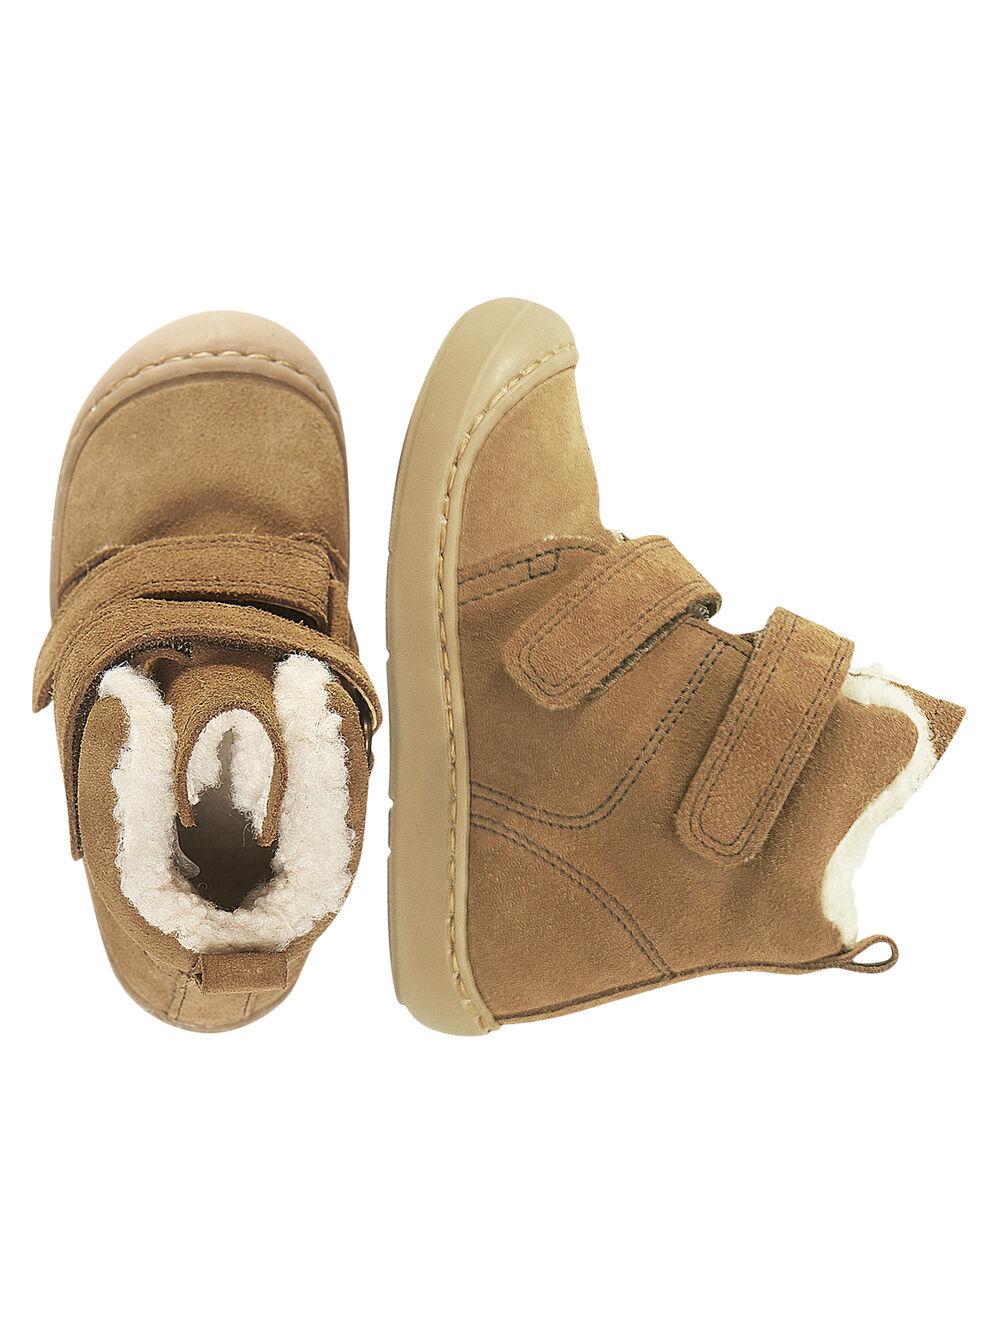 de cuir bébé Boots flexible croûte garçon marron ikuPZX